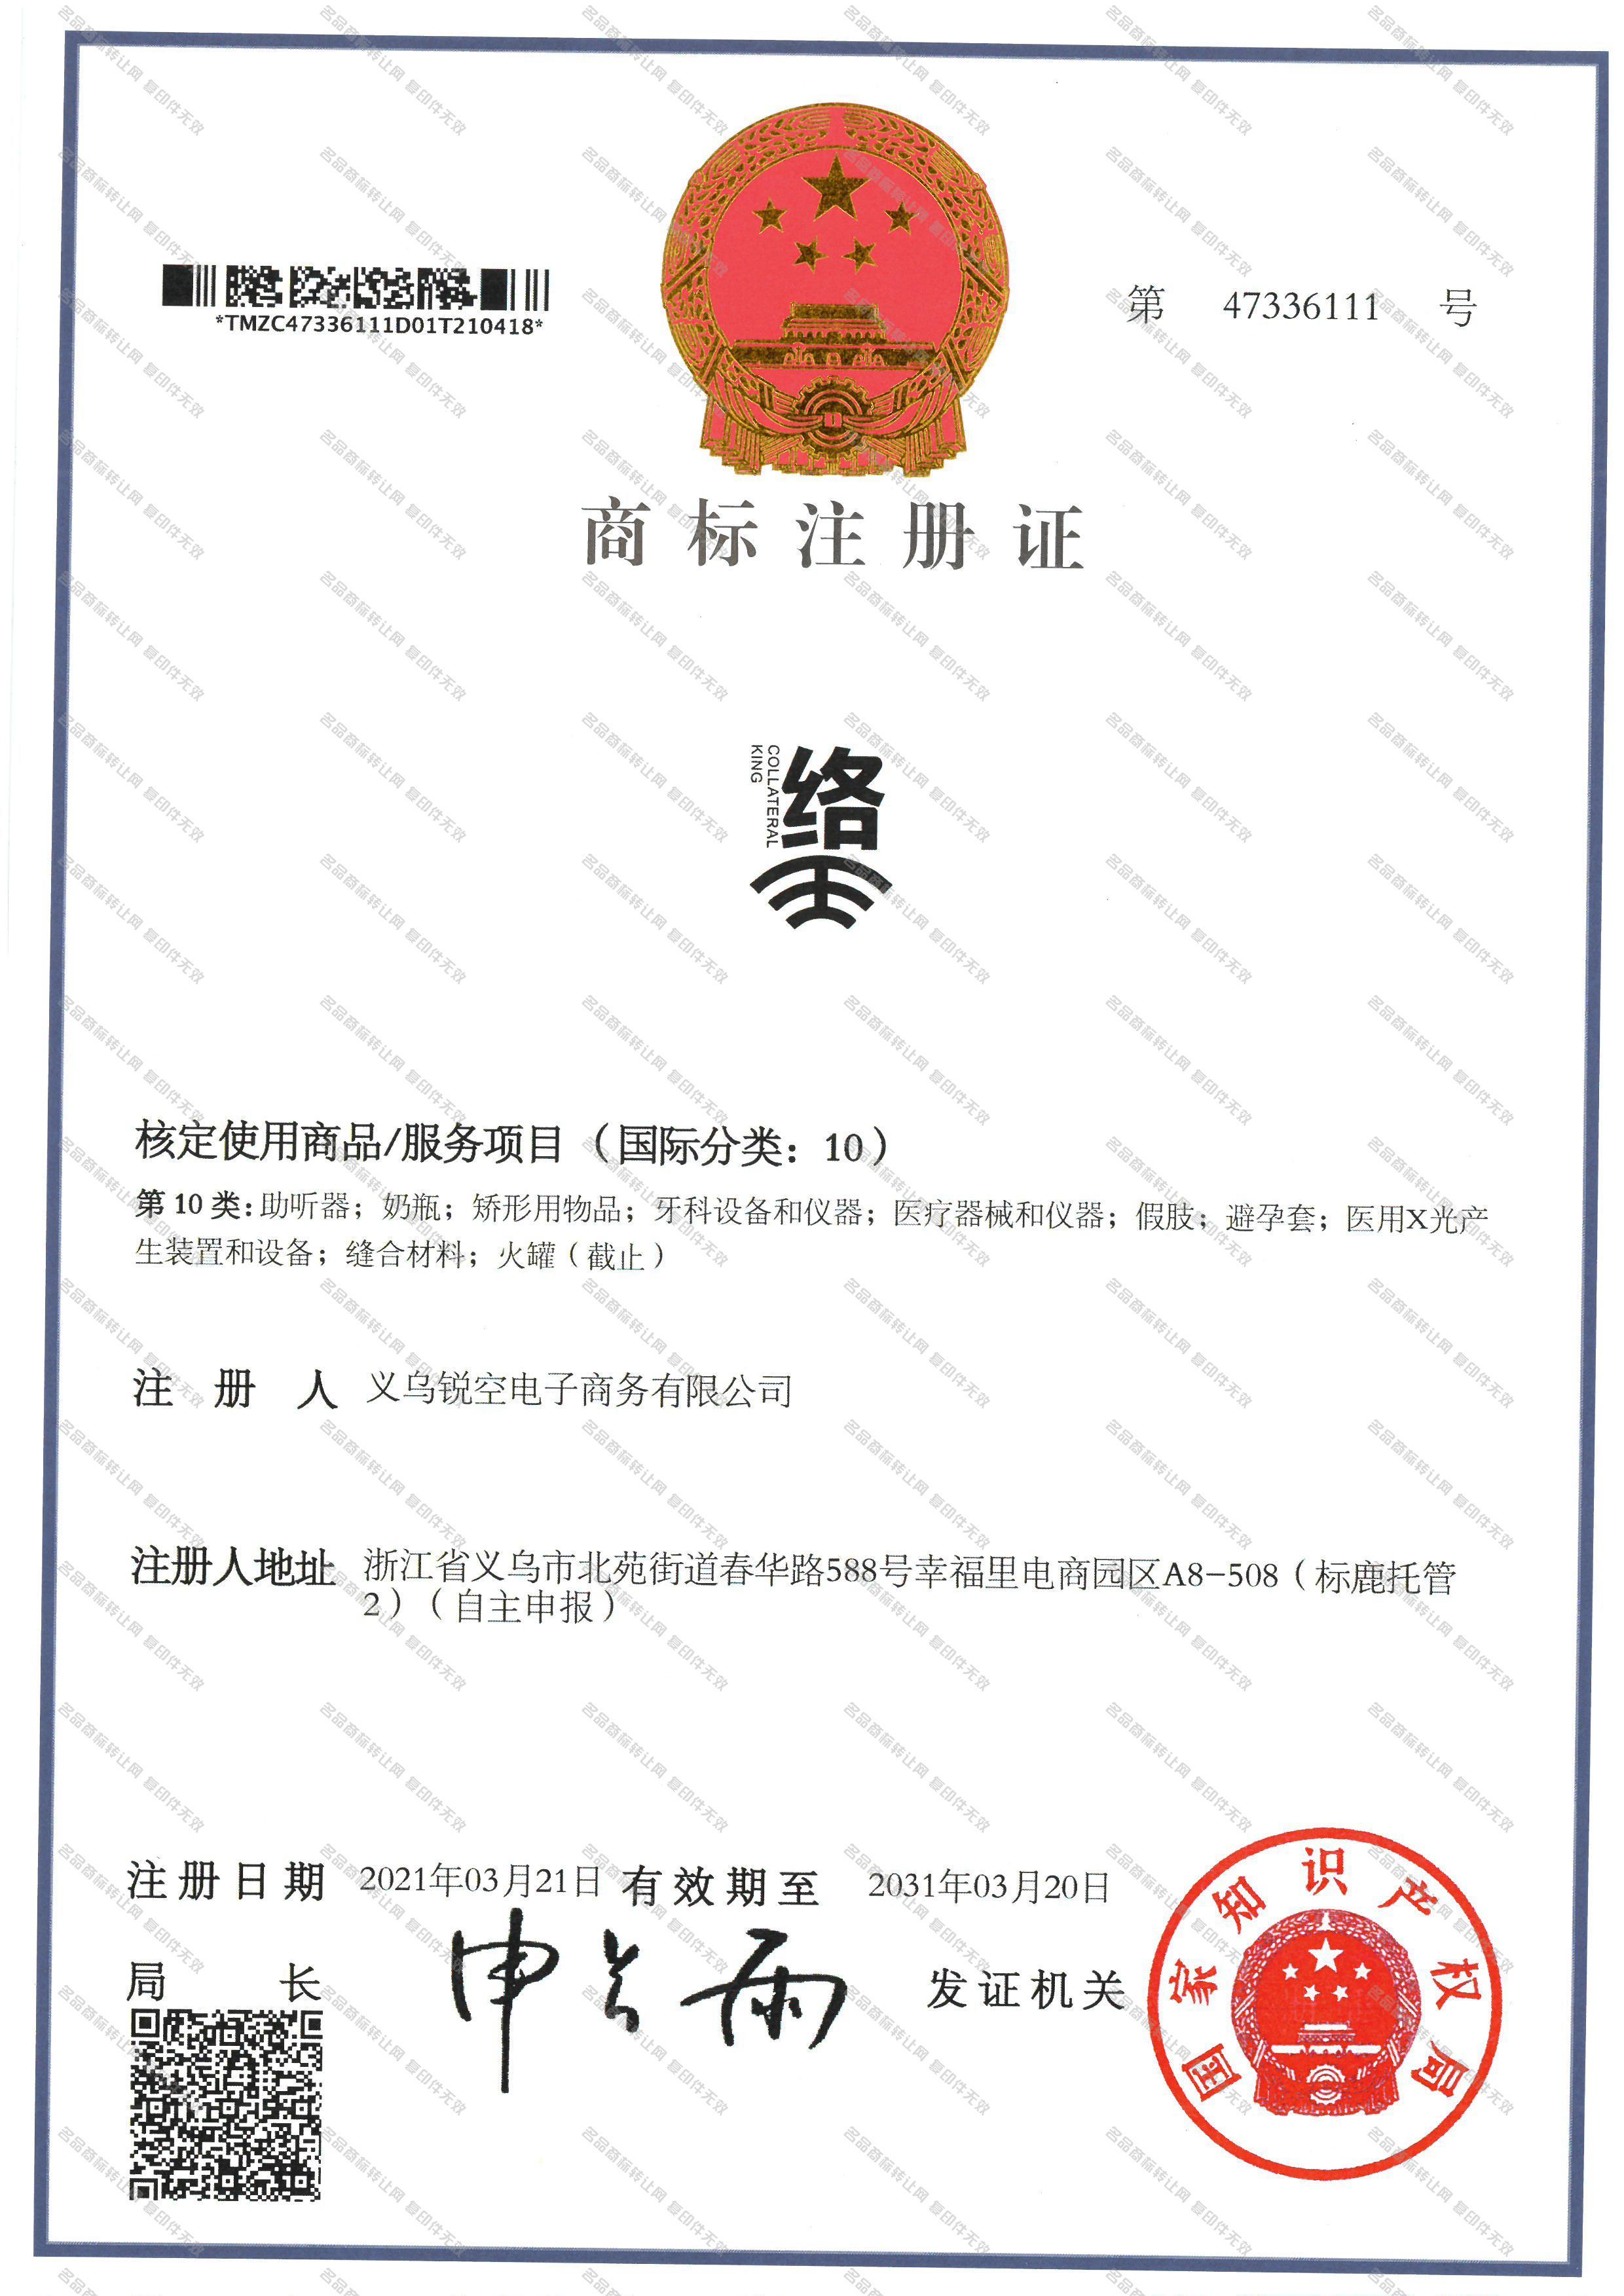 络王 COLLATERAL KING注册证